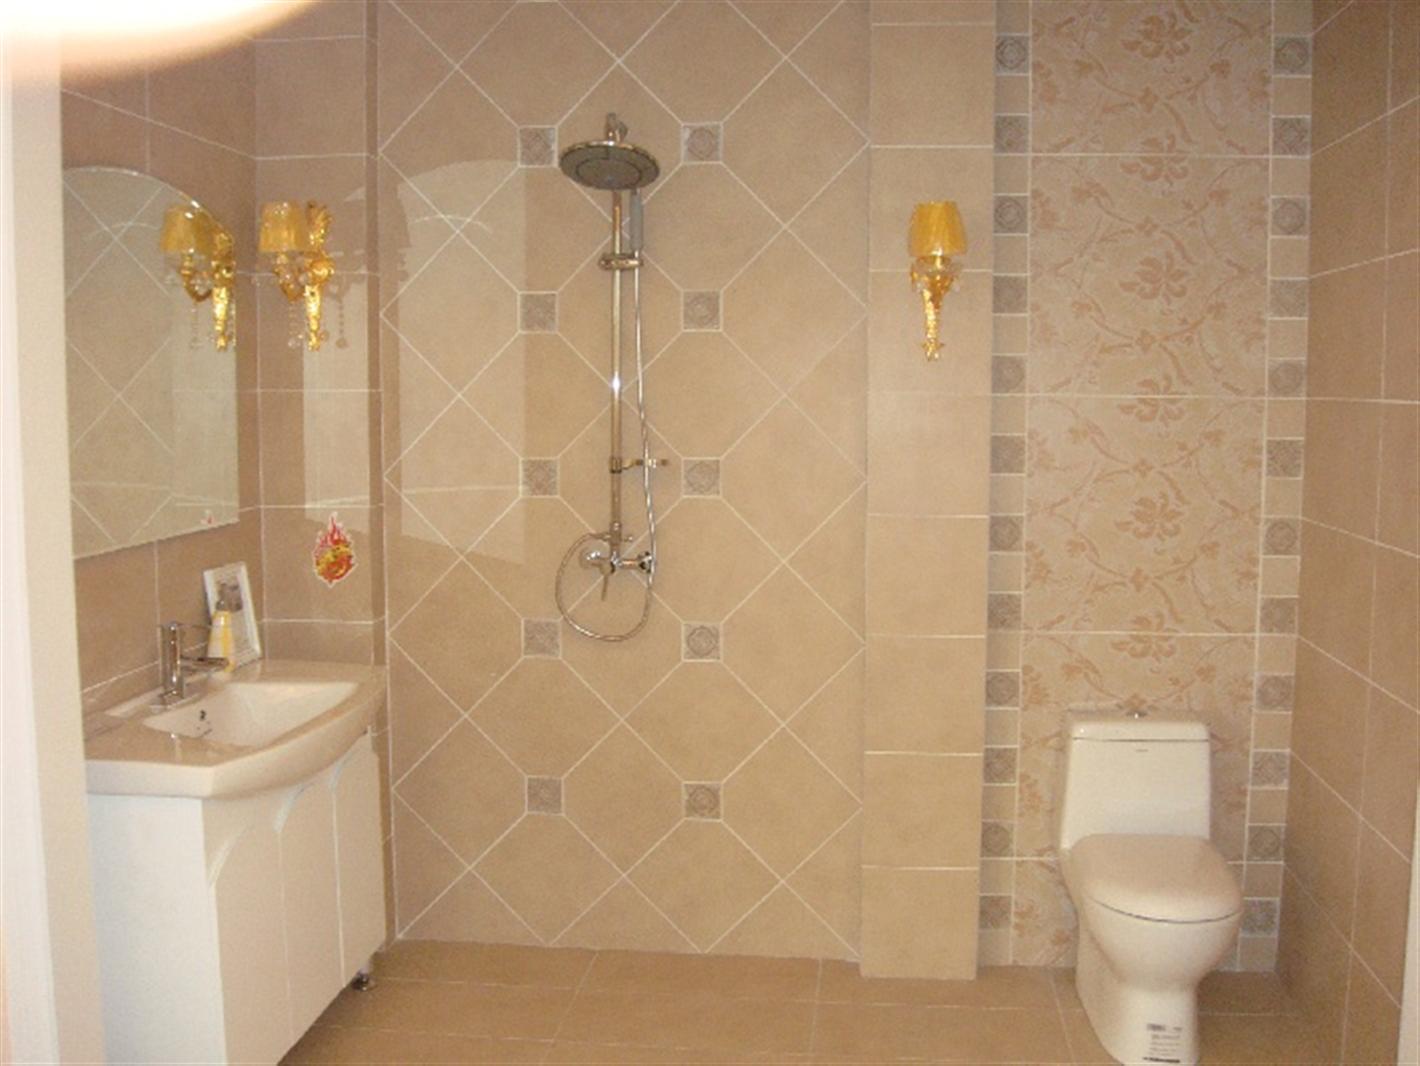 家居装修选购 瓷砖挑选需具备哪些技能